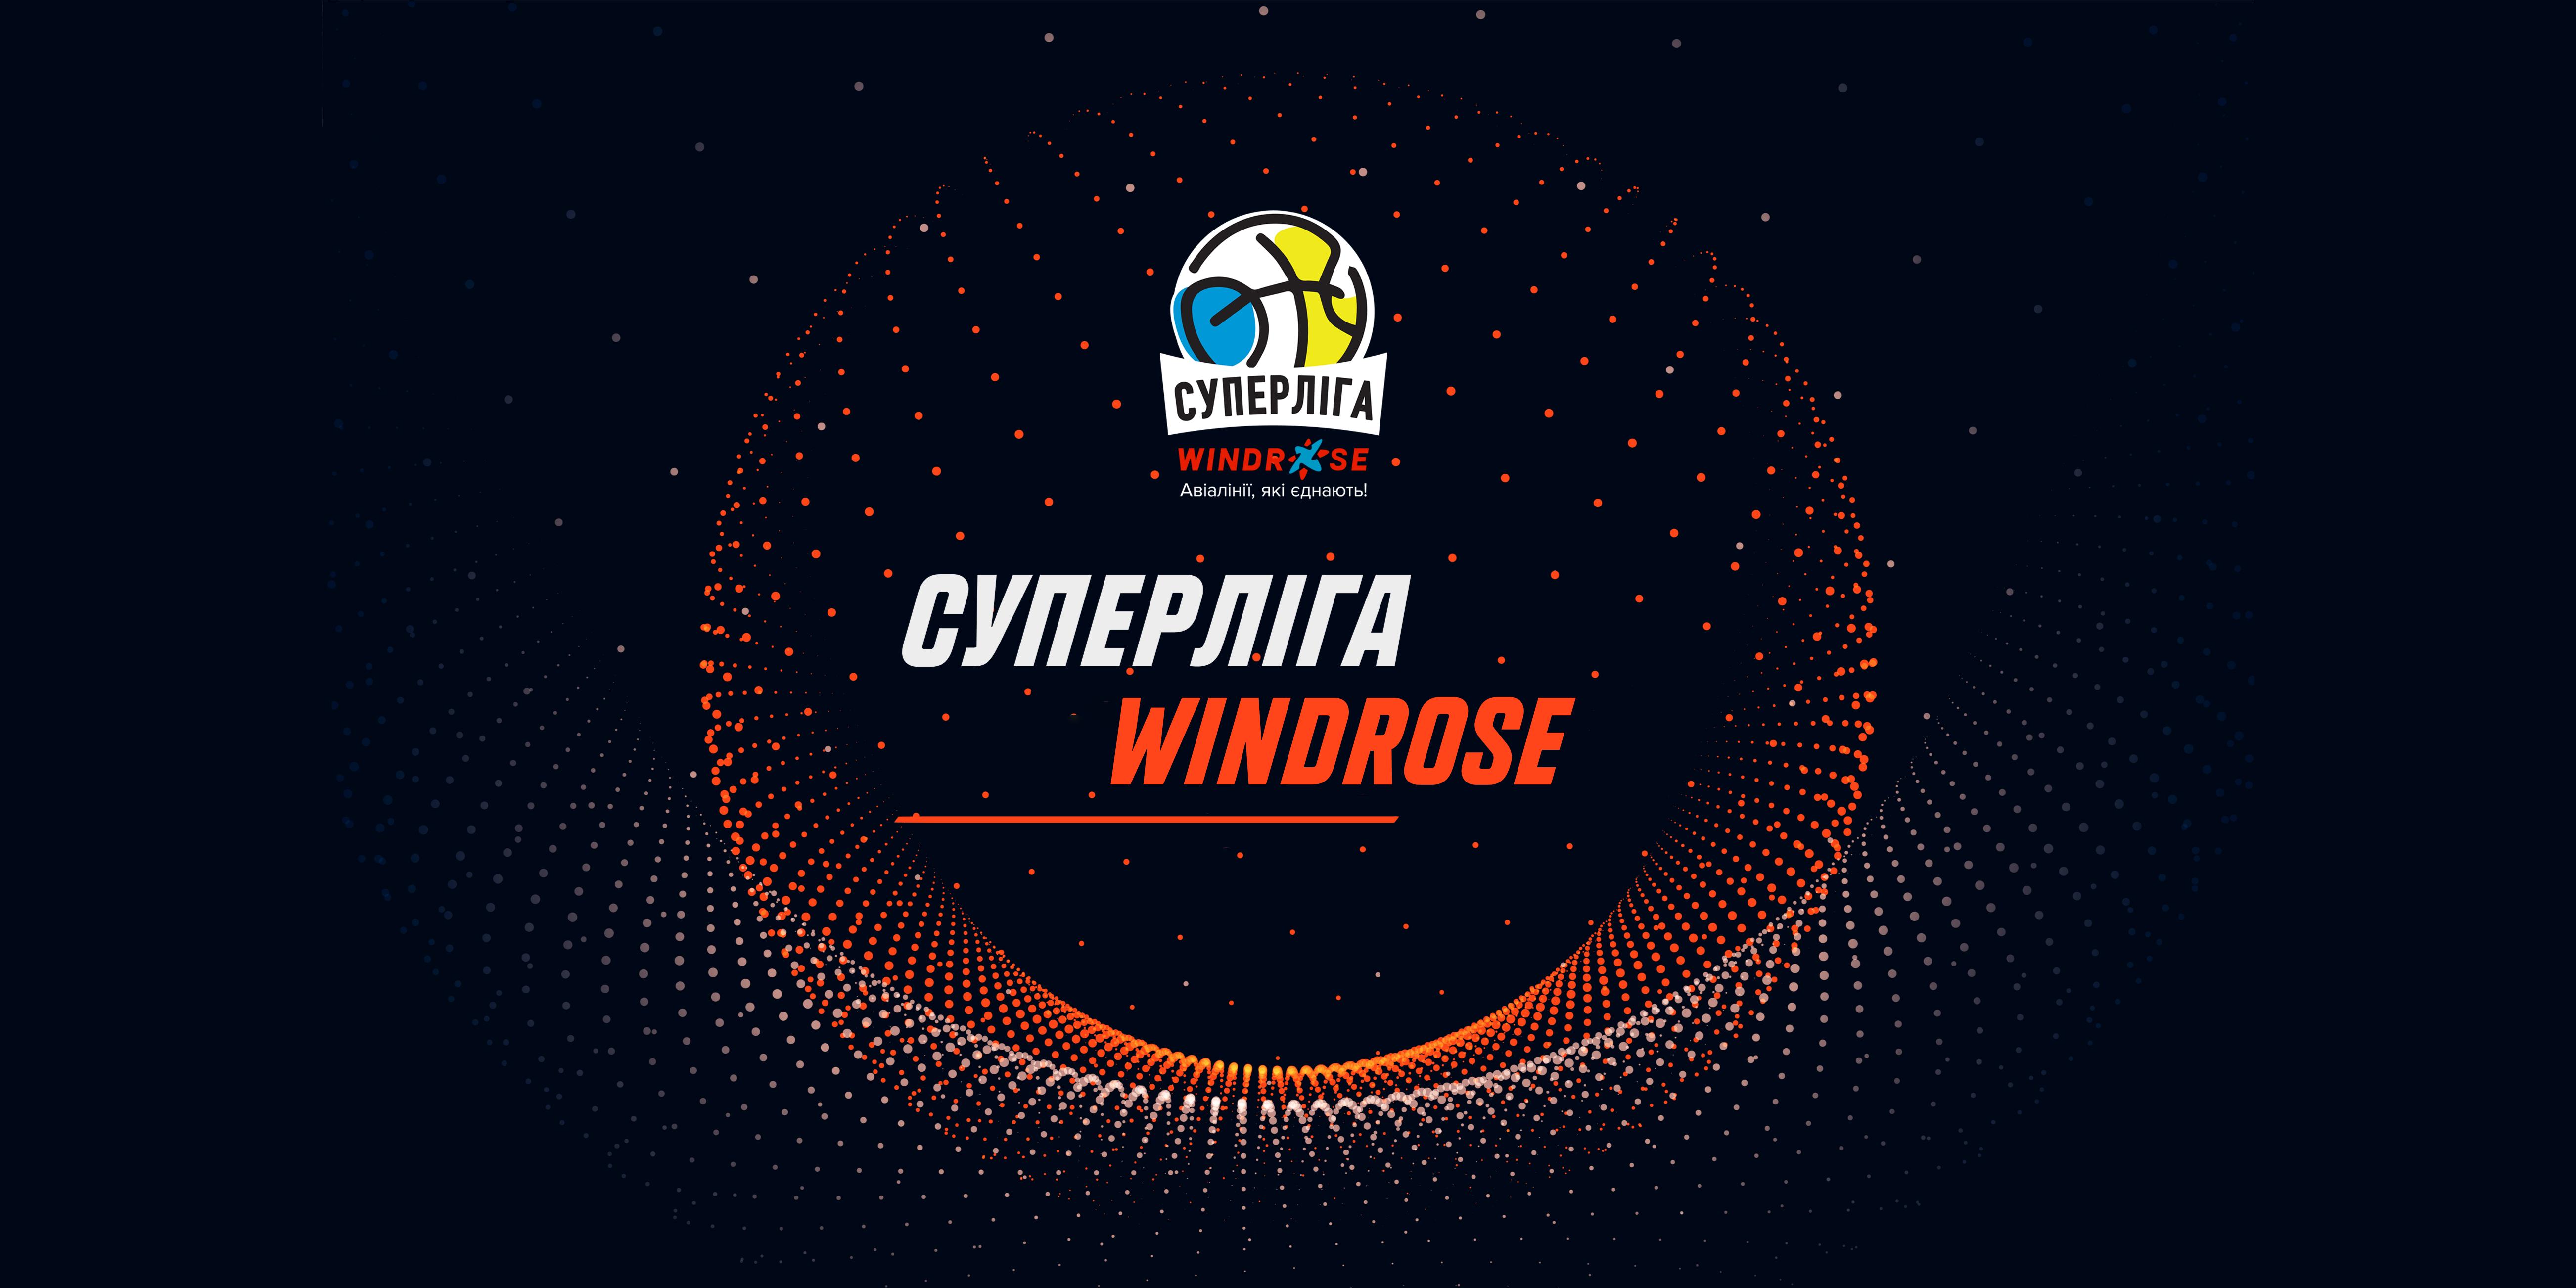 Суперліга Windrose: онлайн відеотрансляція 24 вересня